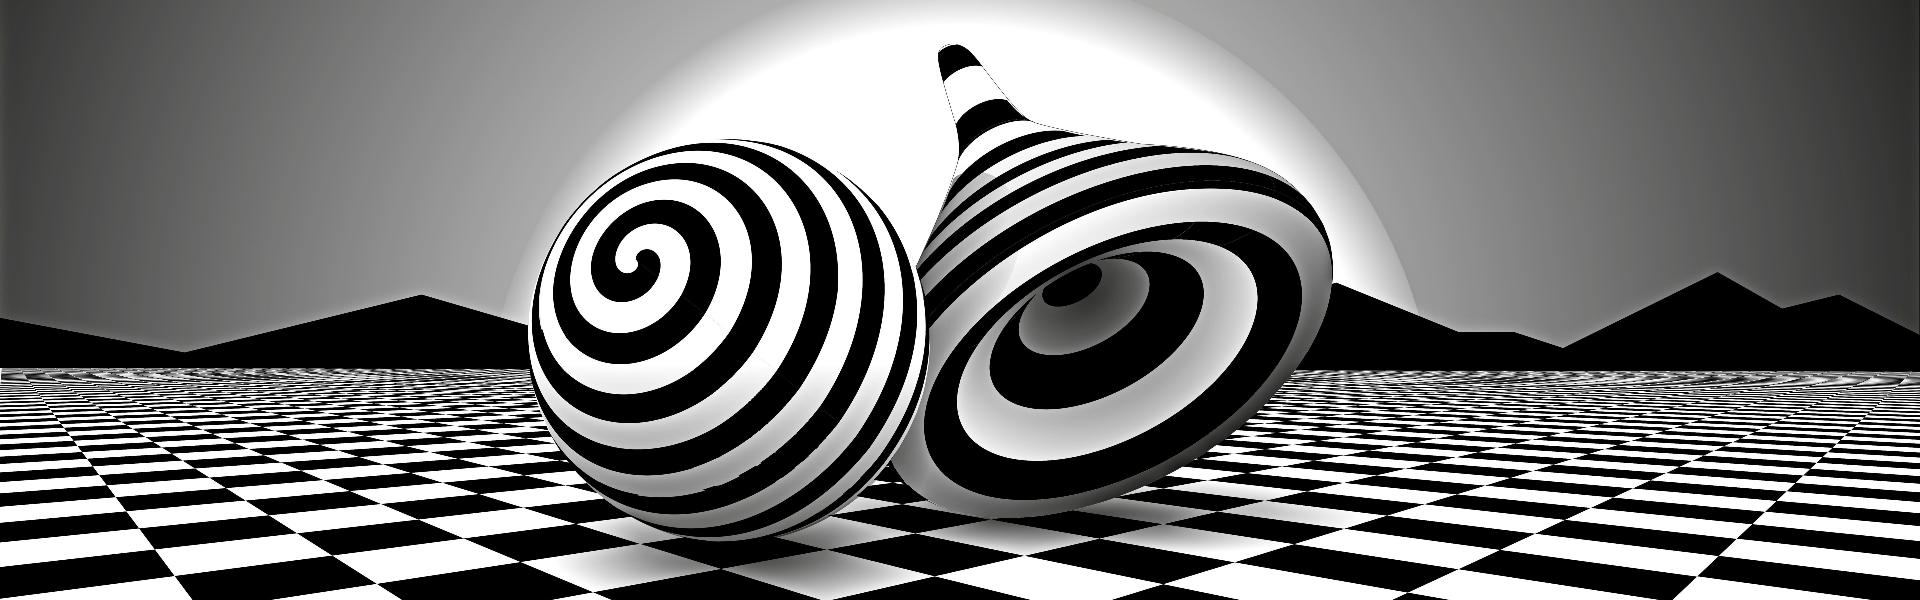 Galleria di illusioni ottiche